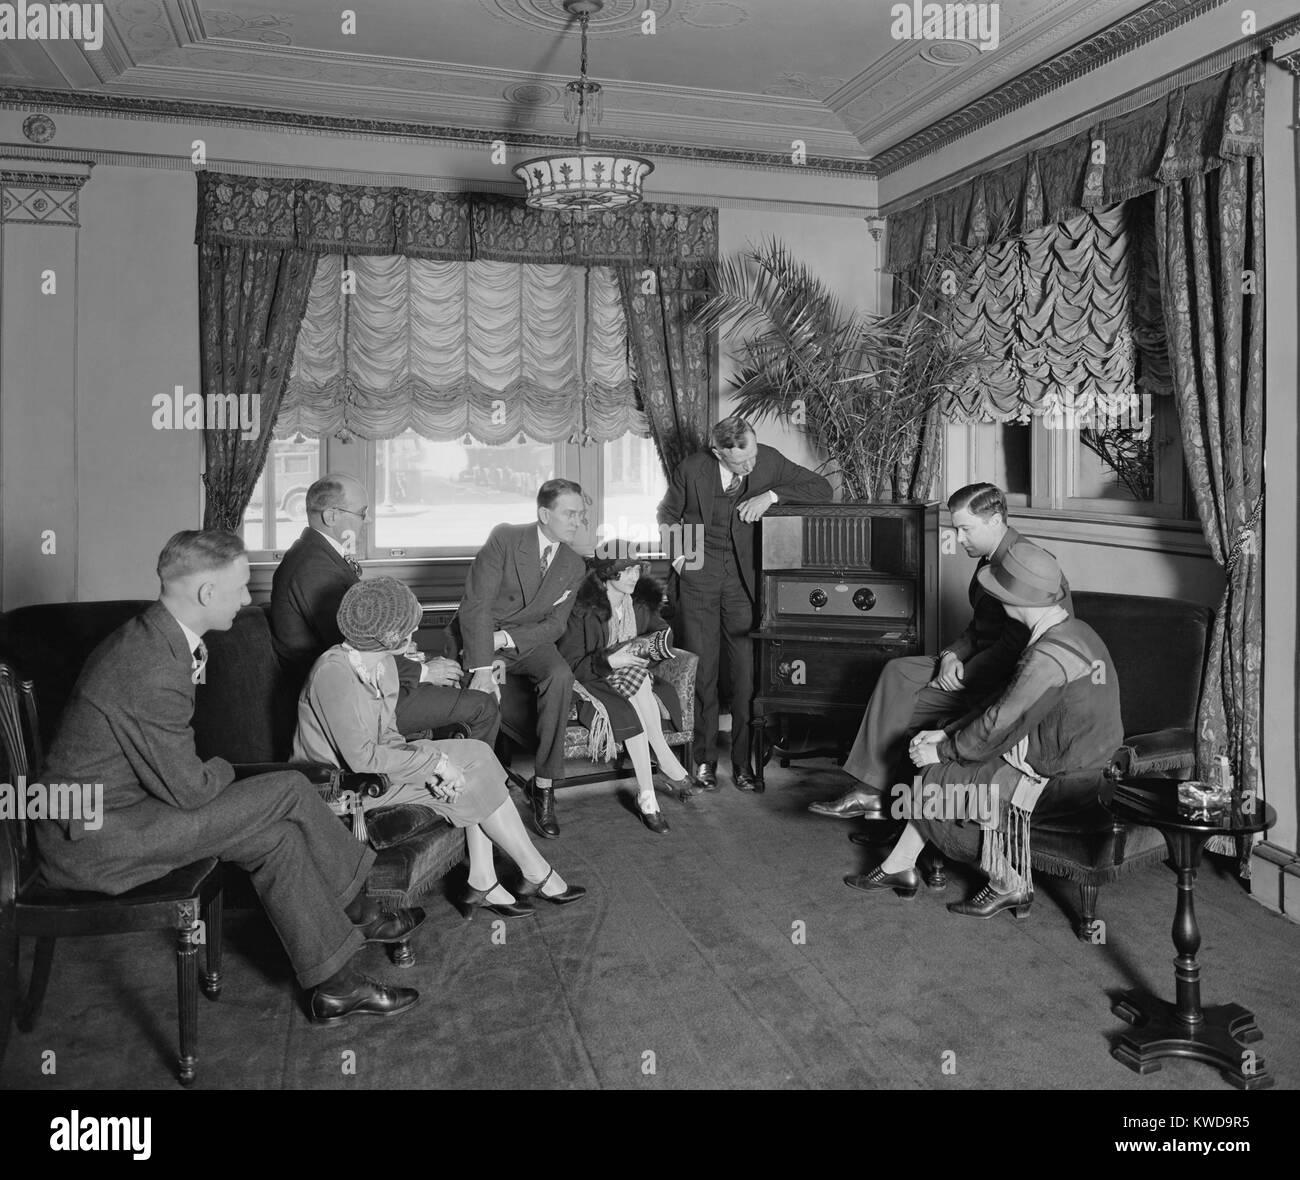 Grupo de hombres y mujeres escuchando una radio en el Hotel Hamilton, Washington, D.C., el Atwater Kent radio incorpora un altavoz cerrado en la parte superior del armario. La foto se asoció con Thomas R. Shipp es trabajo de relaciones públicas para Atwater Kent Radios (BSLOC_2016_10_57) Foto de stock